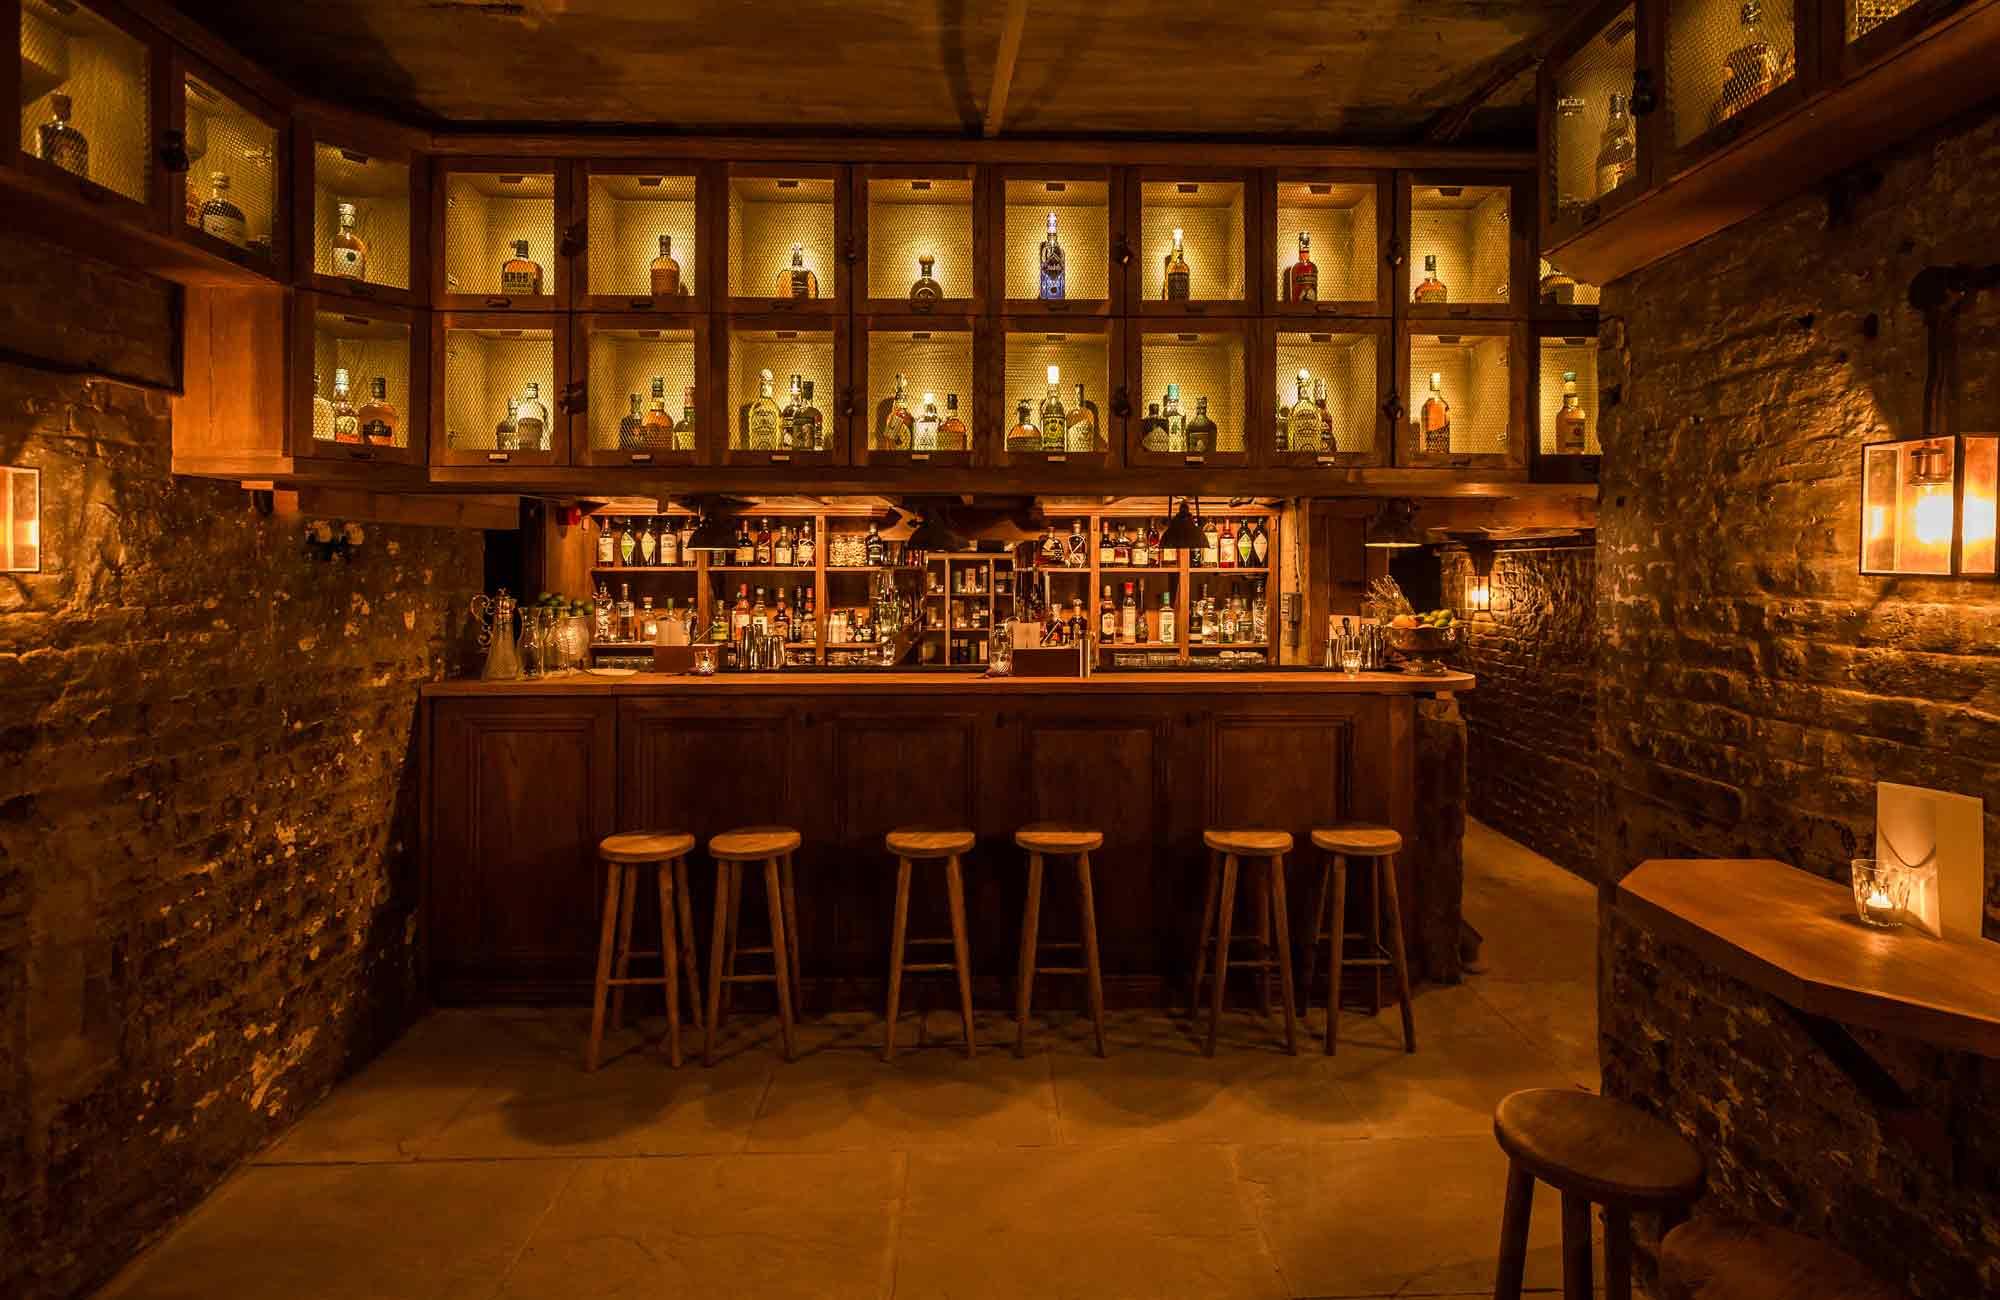 TT Liquor - Cellar Cocktail Bar, Shoreditch, East London